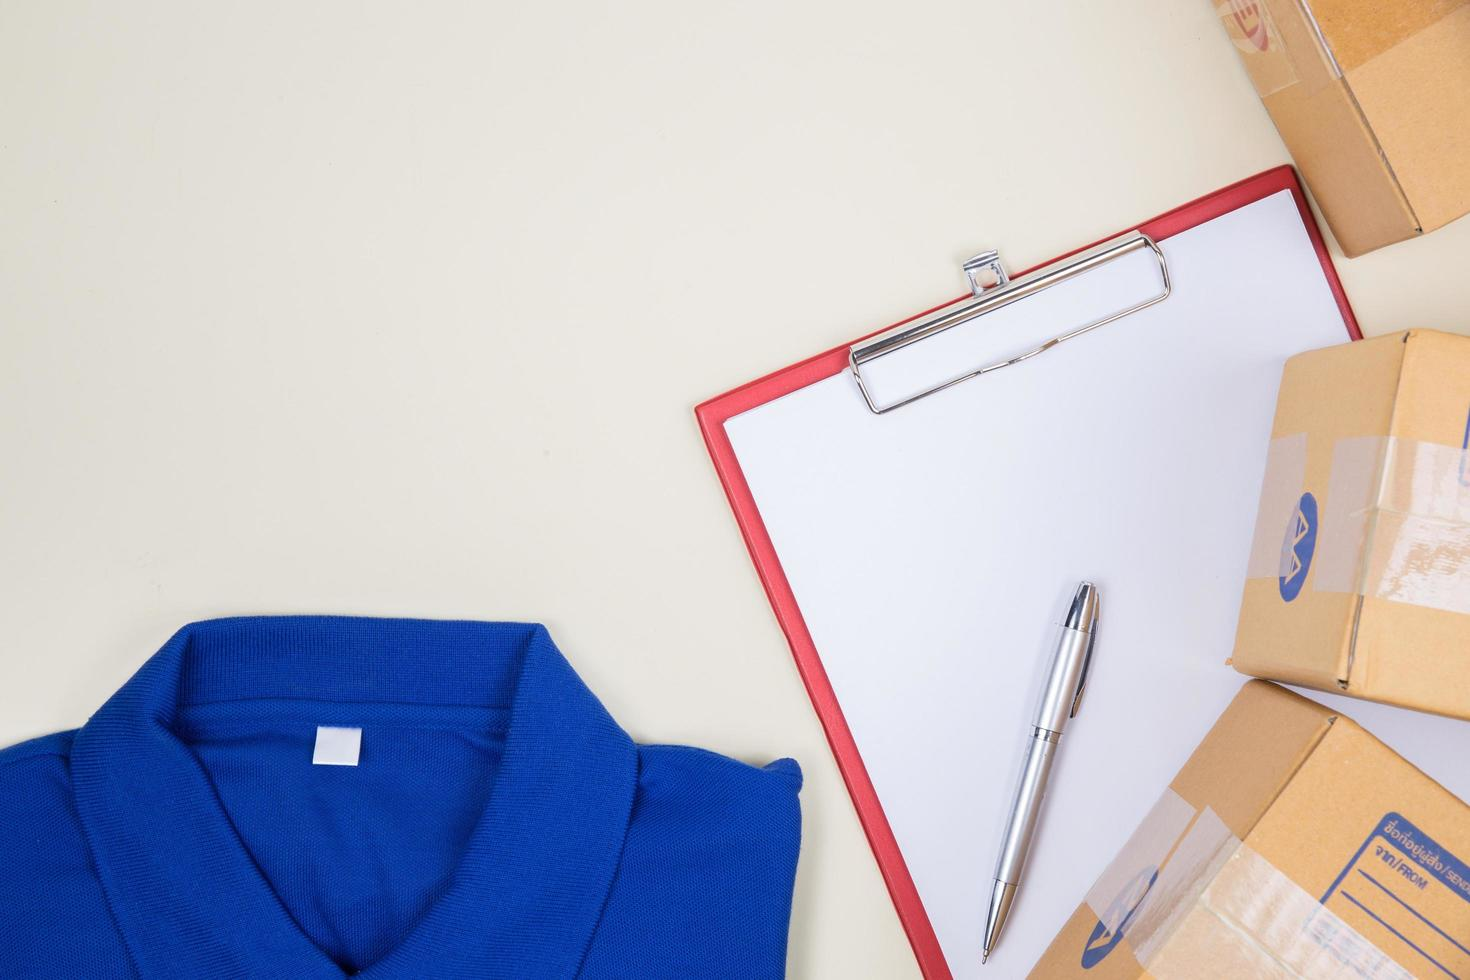 ovanifrån av arbetarens skjorta och portokartonger foto